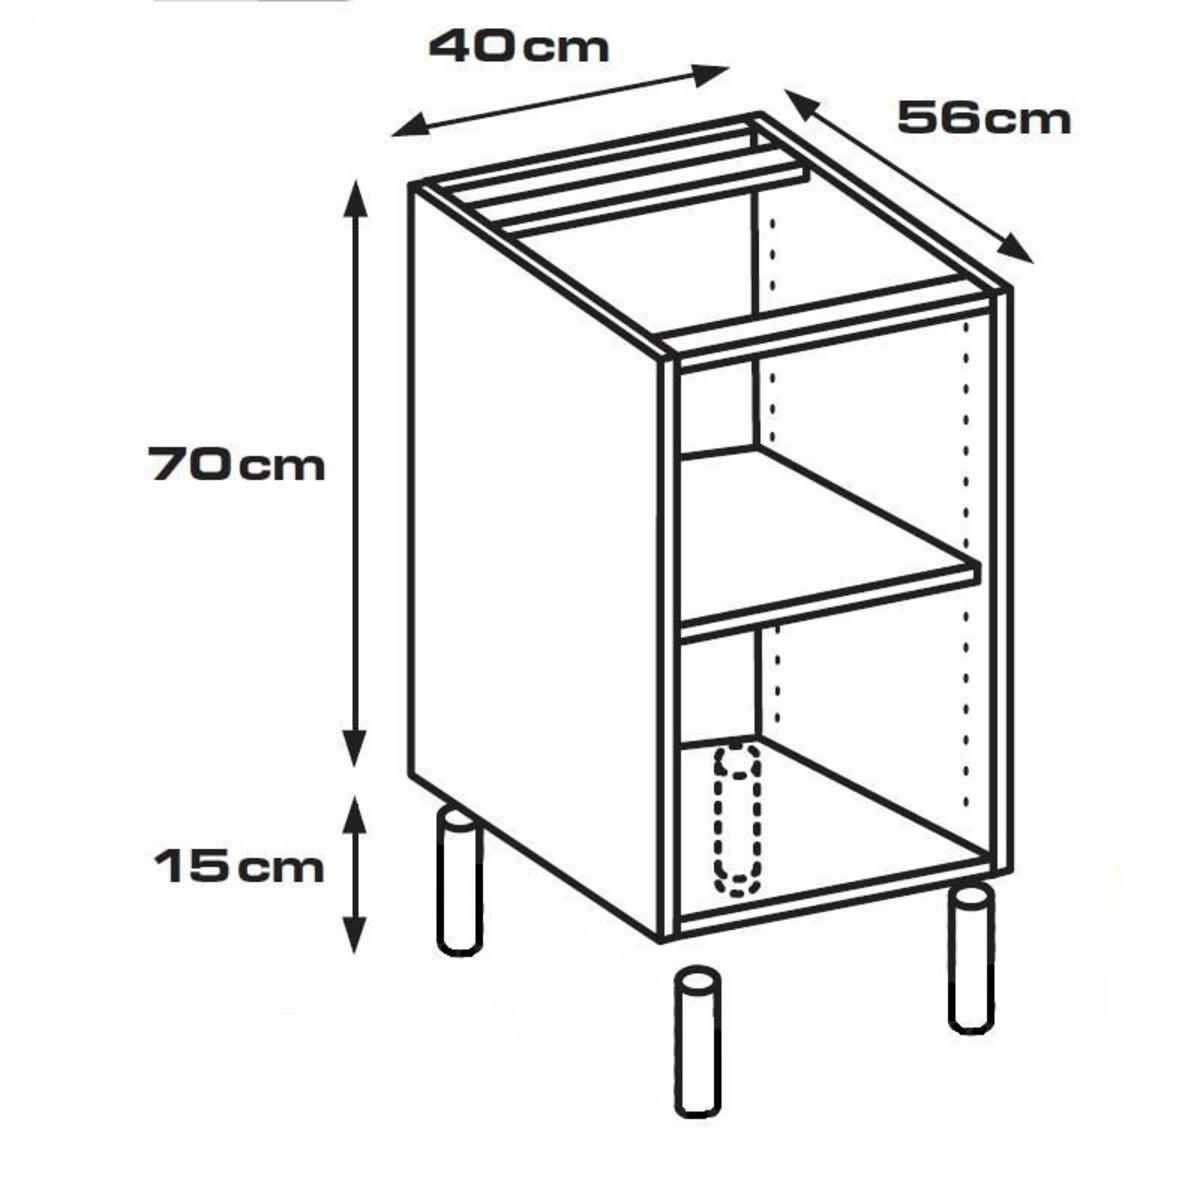 Каркас напольный 40х56х70 см белый ЛДСП